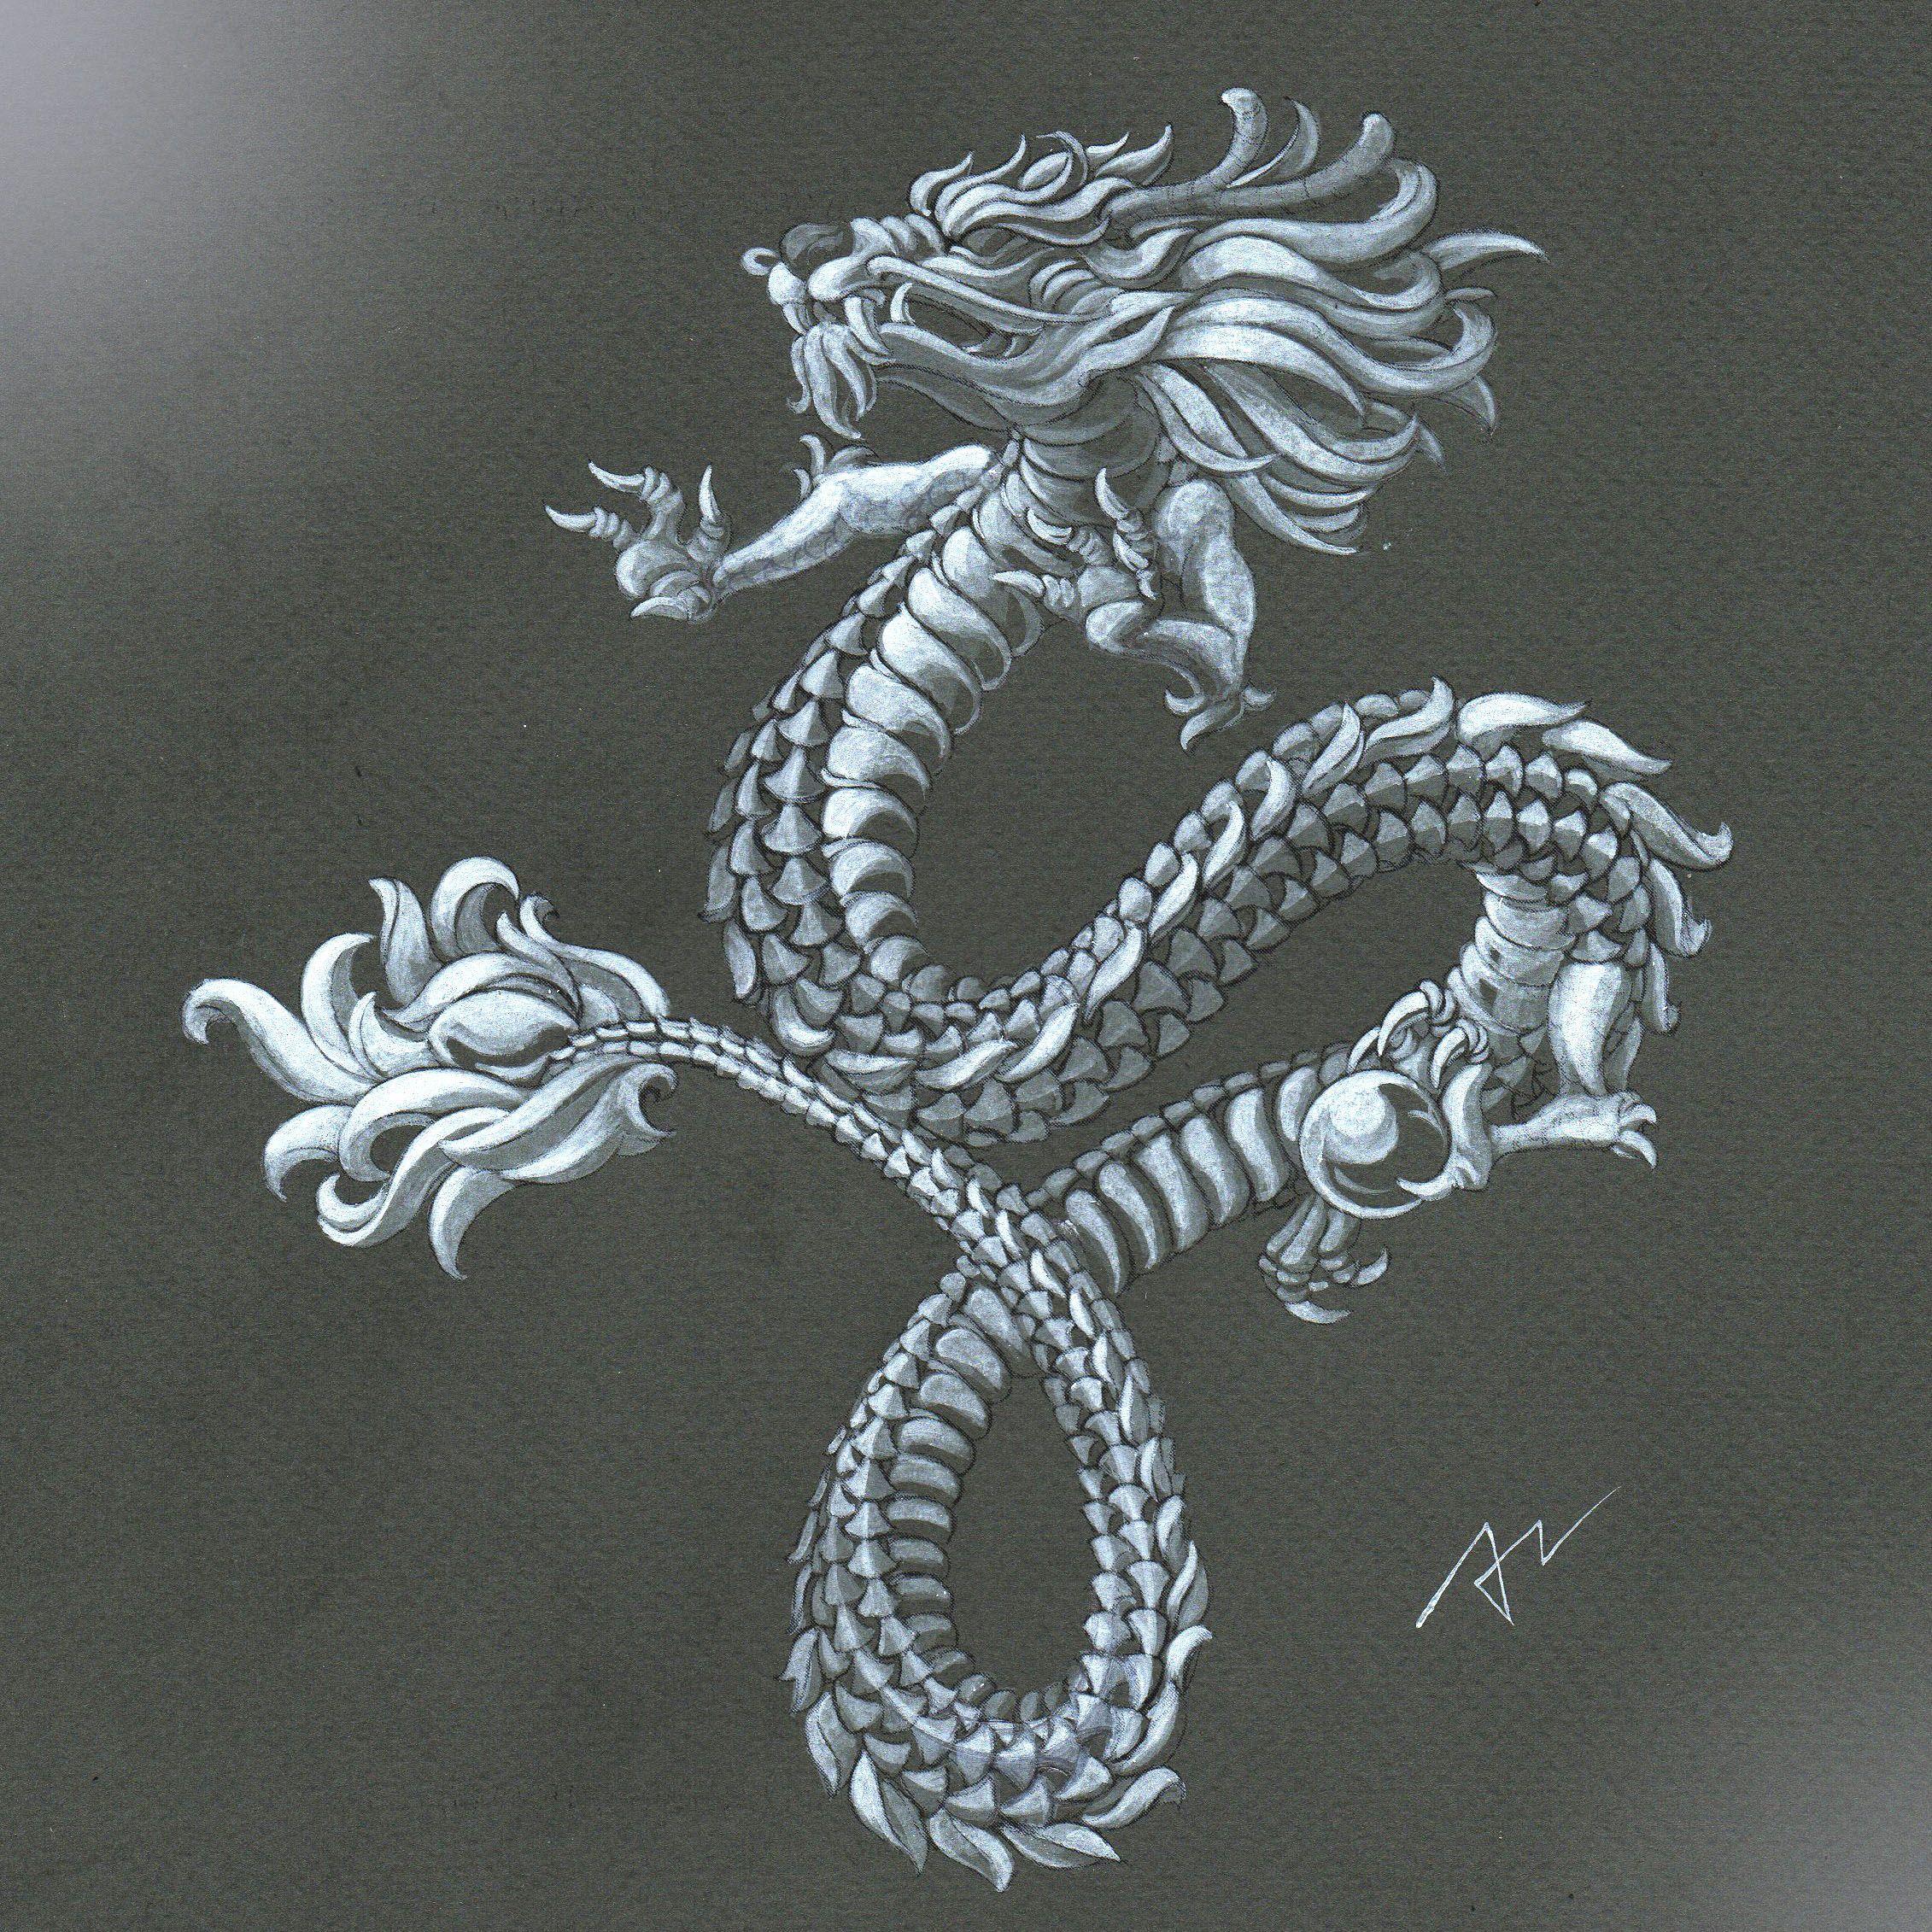 #azilaz  #dragon  #jewelry #jewelrydesigner